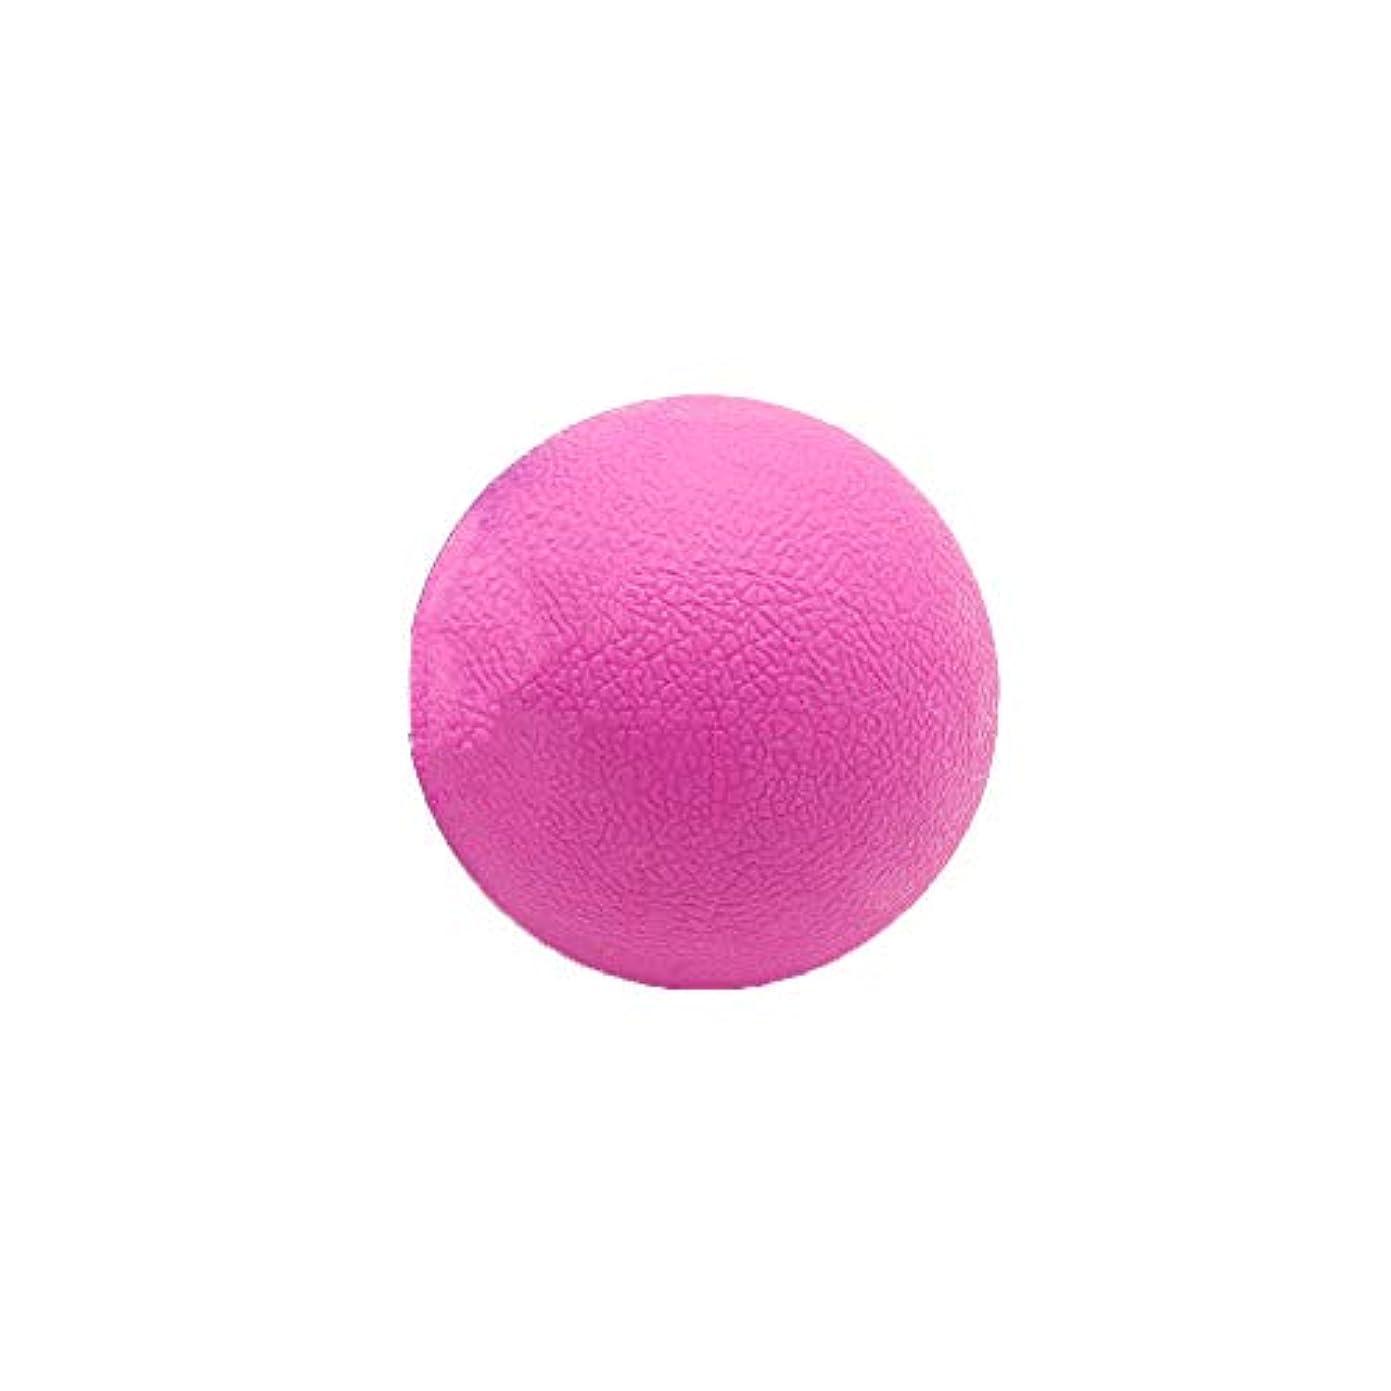 第二つぶやき疑わしいTyou ロングホッケー ボール ストレッチ リリース マッサージボール 足部 マッサージボール 背中 筋肉 トレーニングボール ピンク